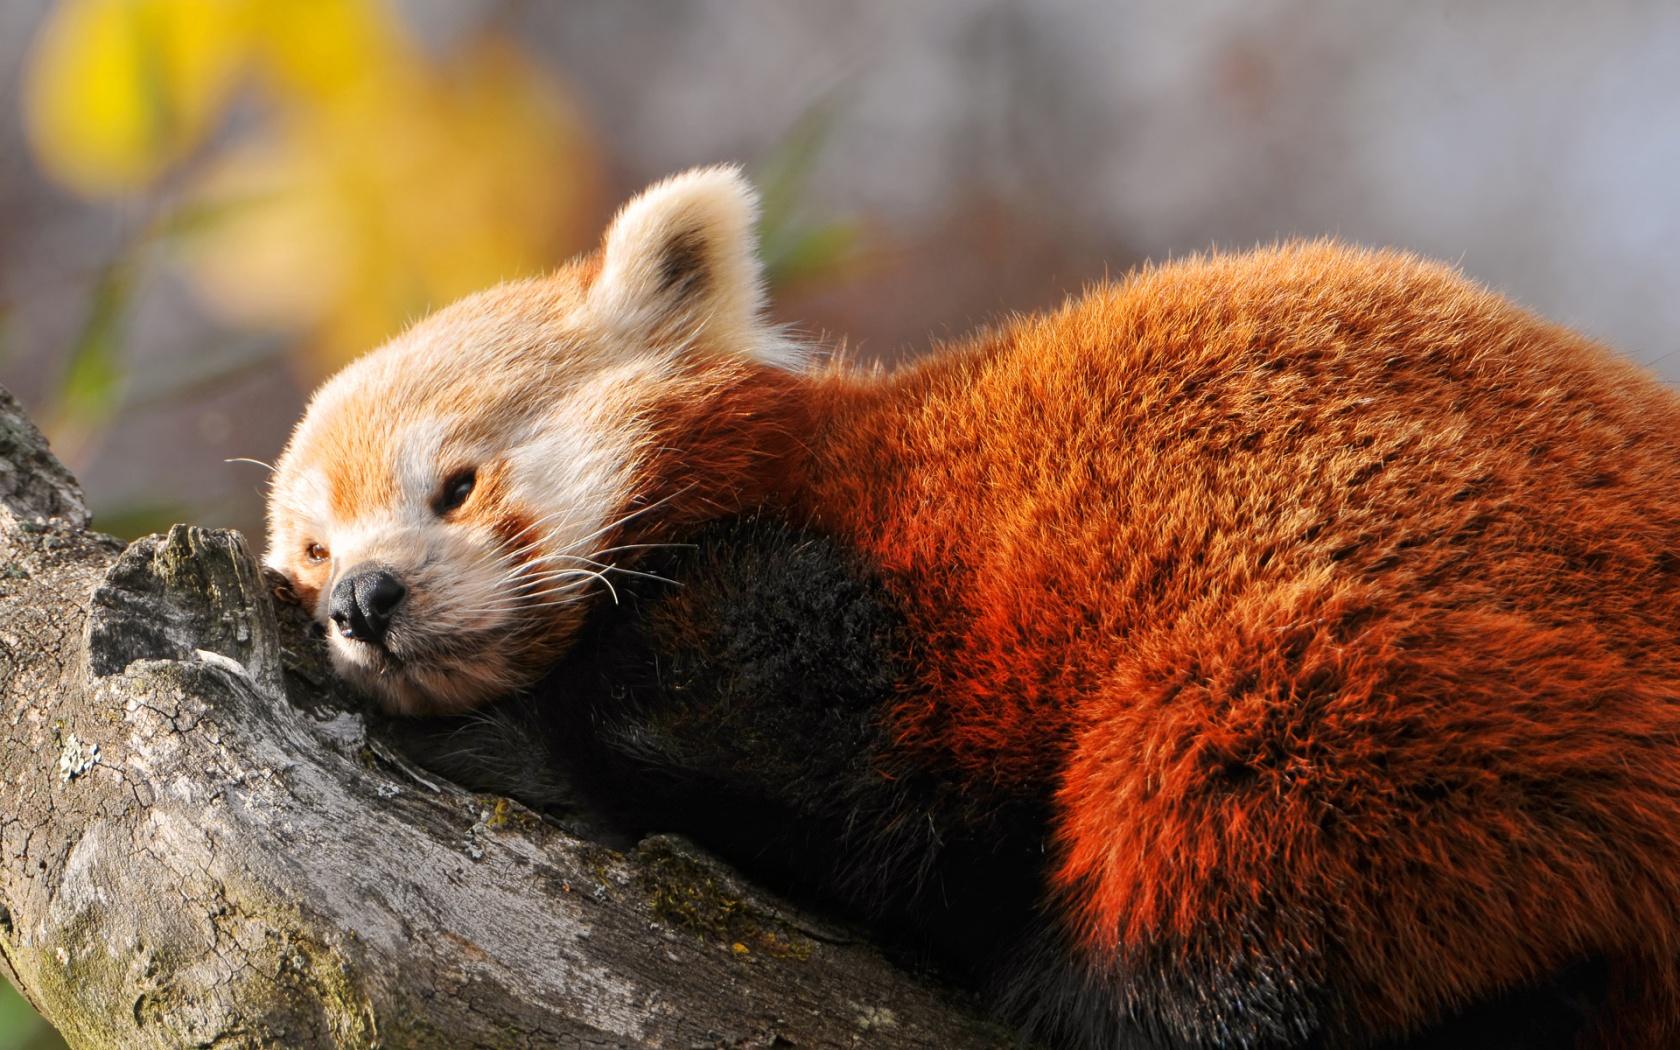 red panda wallpaper 27520